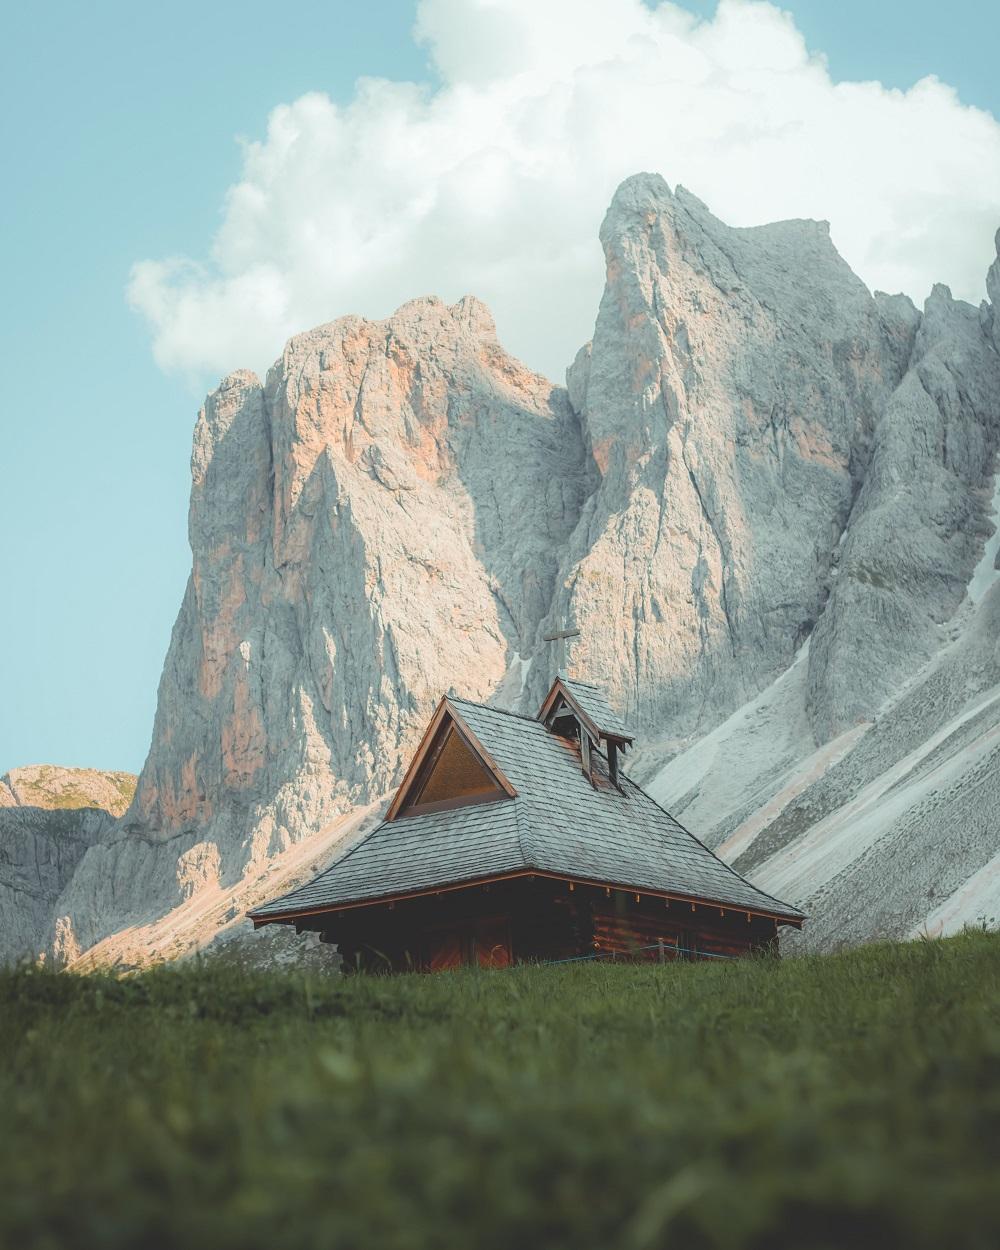 Val di Funes paesaggi migliori in Italia